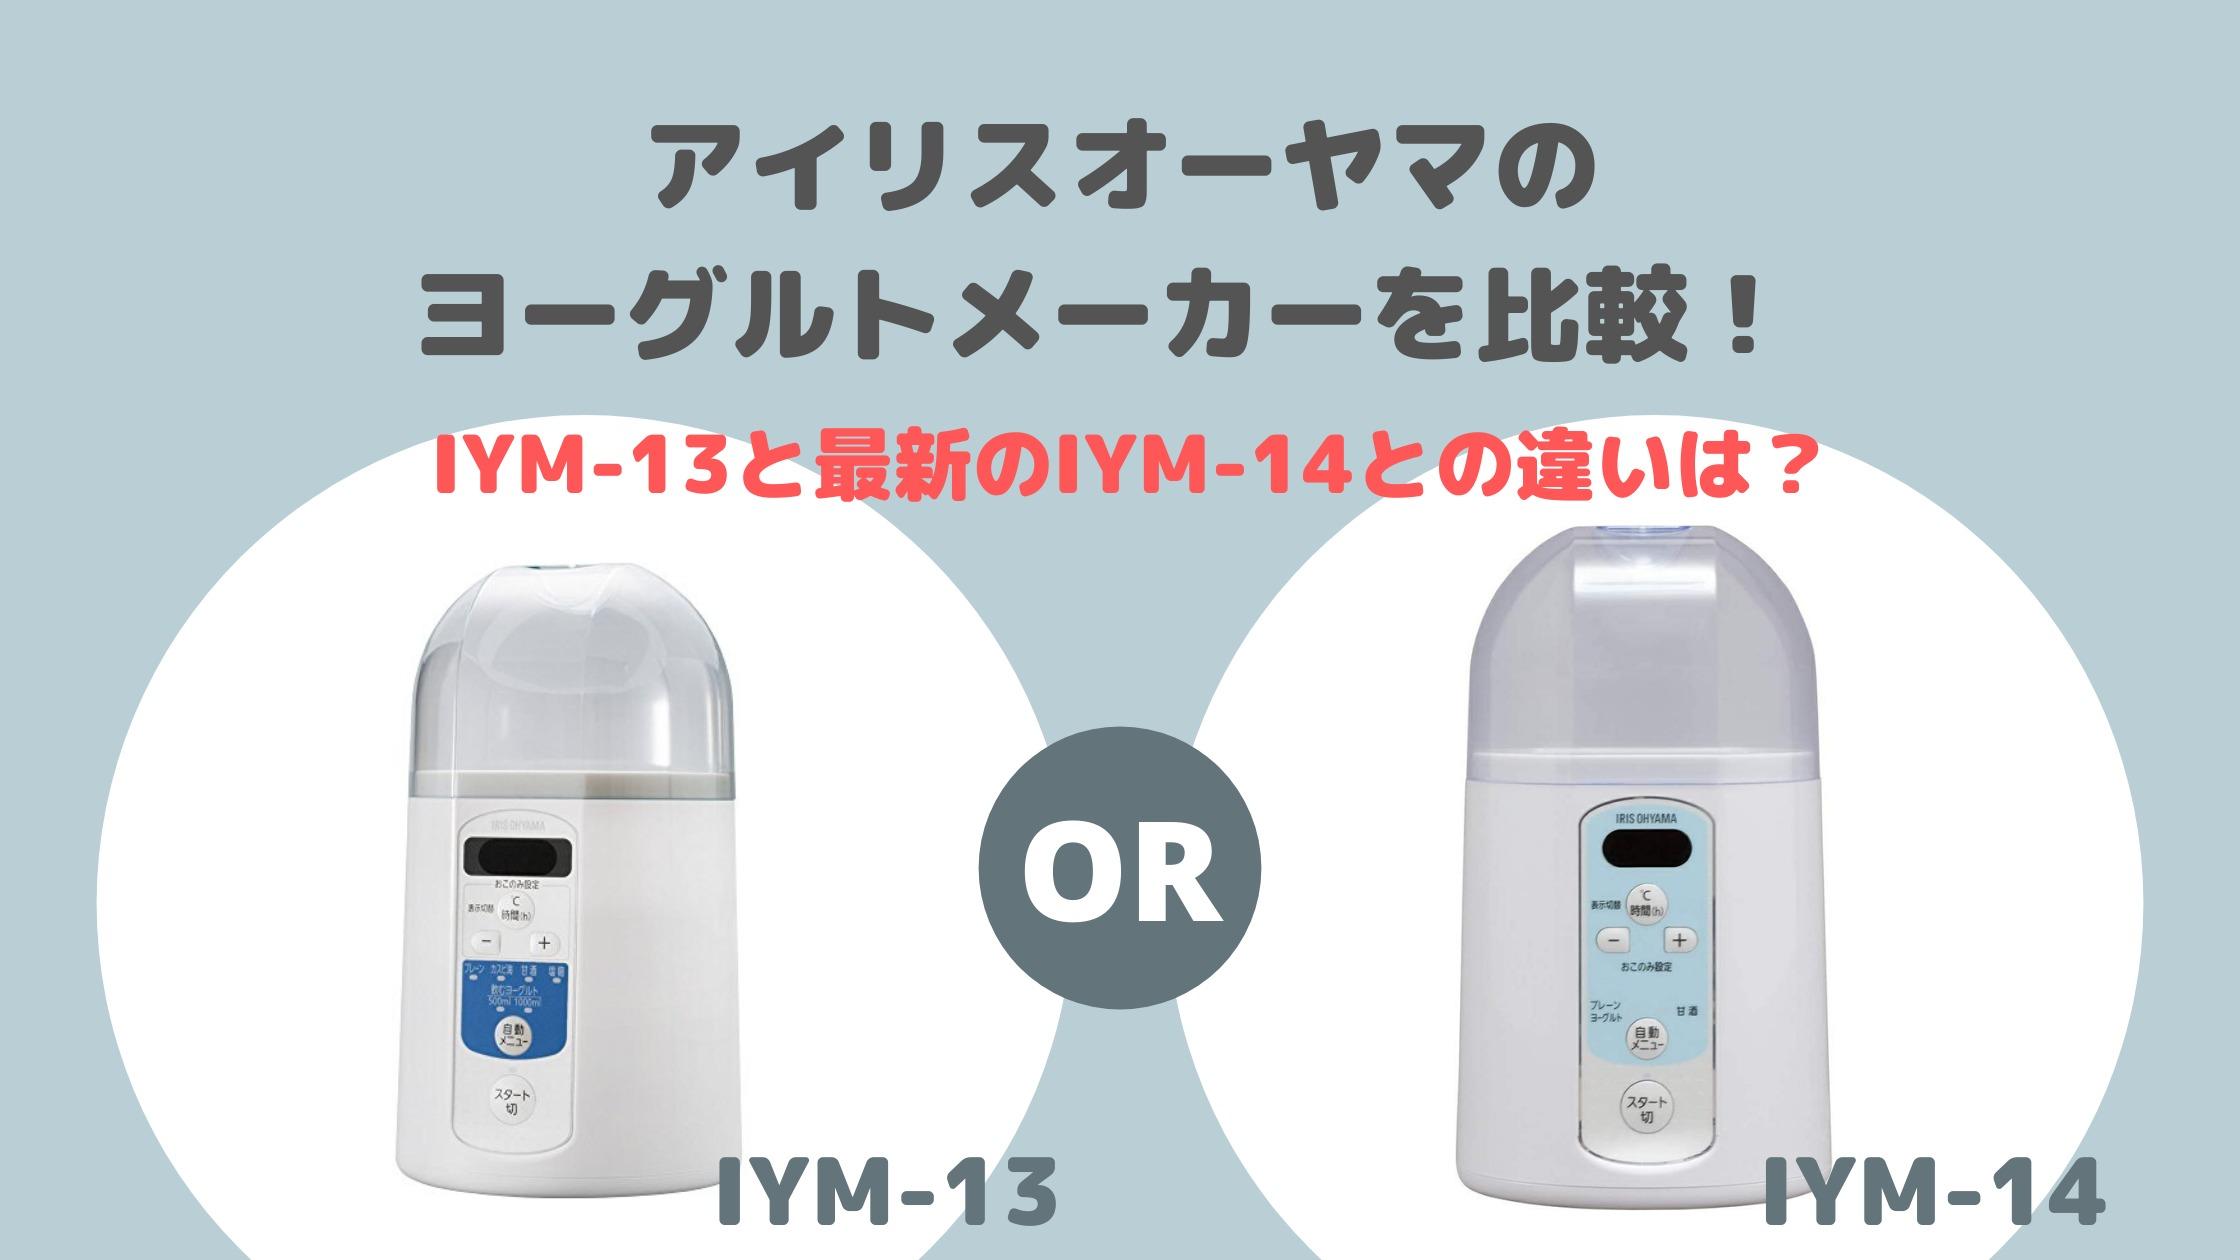 アイリスオーヤマのヨーグルトメーカー比較